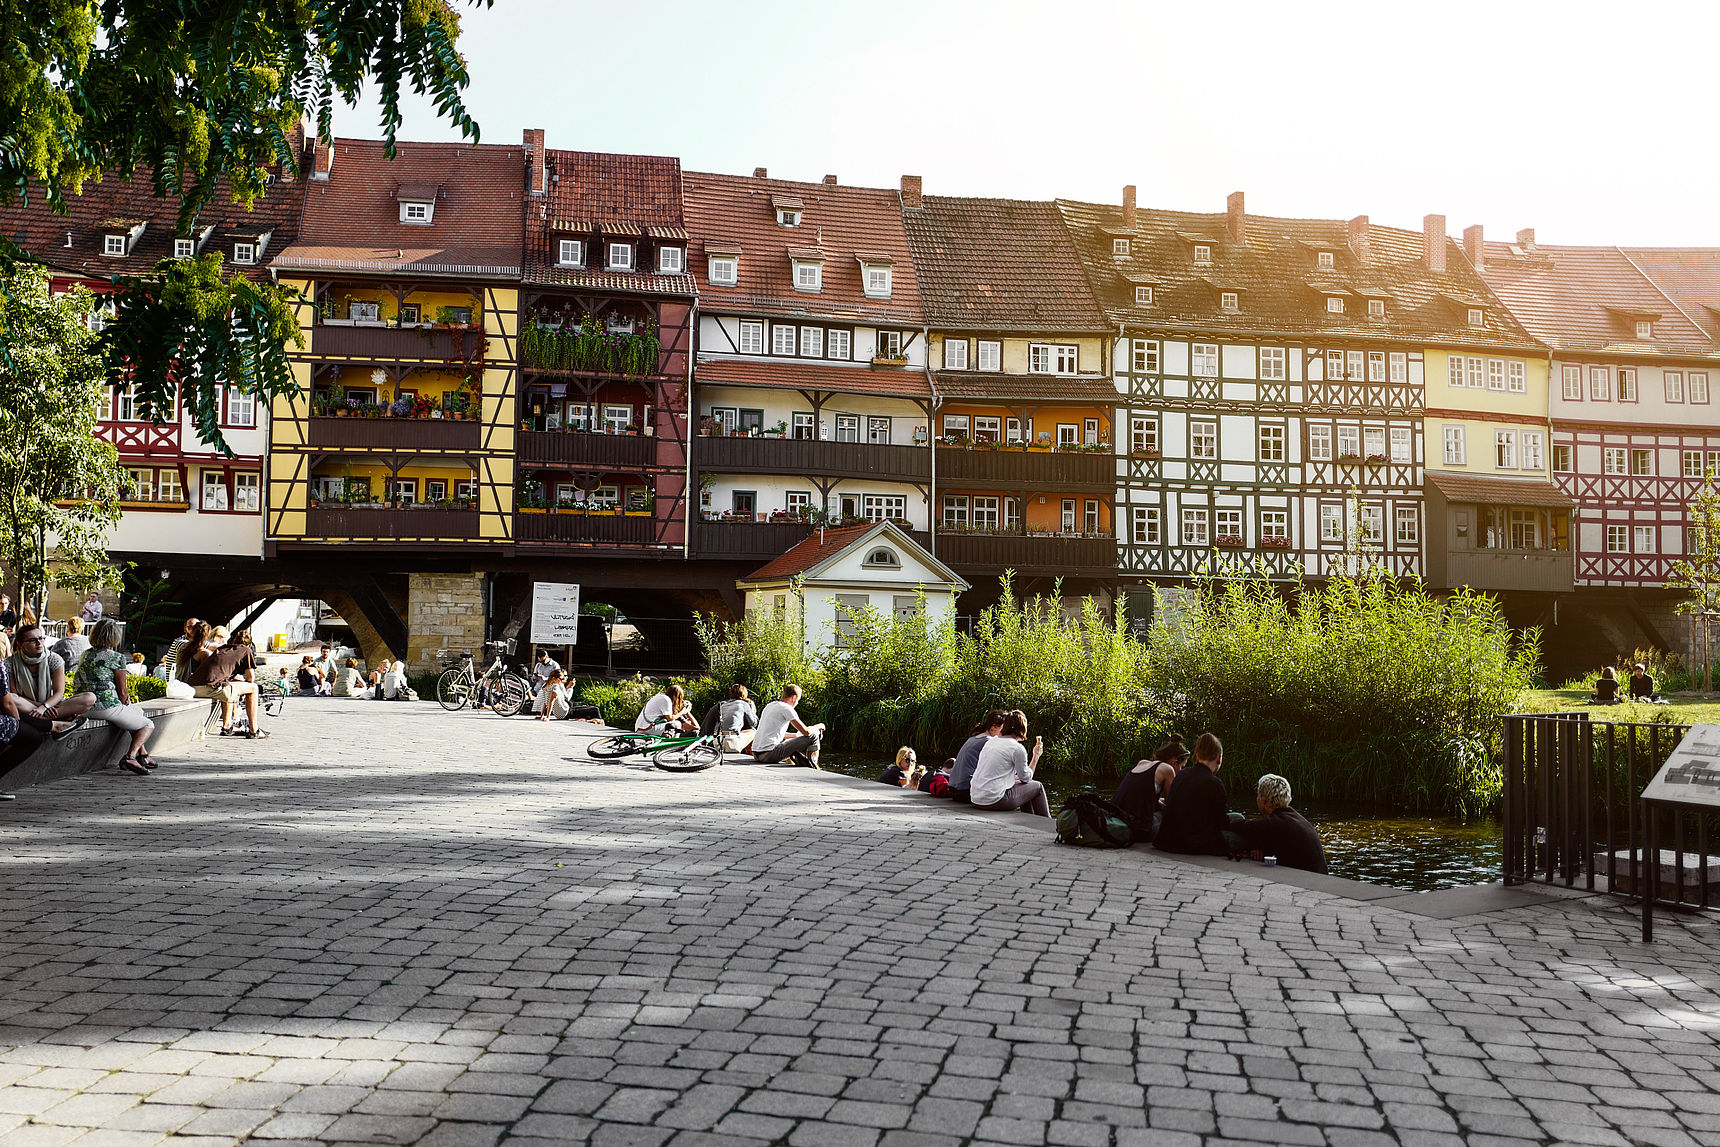 1325 erbaut und mit 32 Häusern bestückt: die Krämerbrücke in Erfurt.